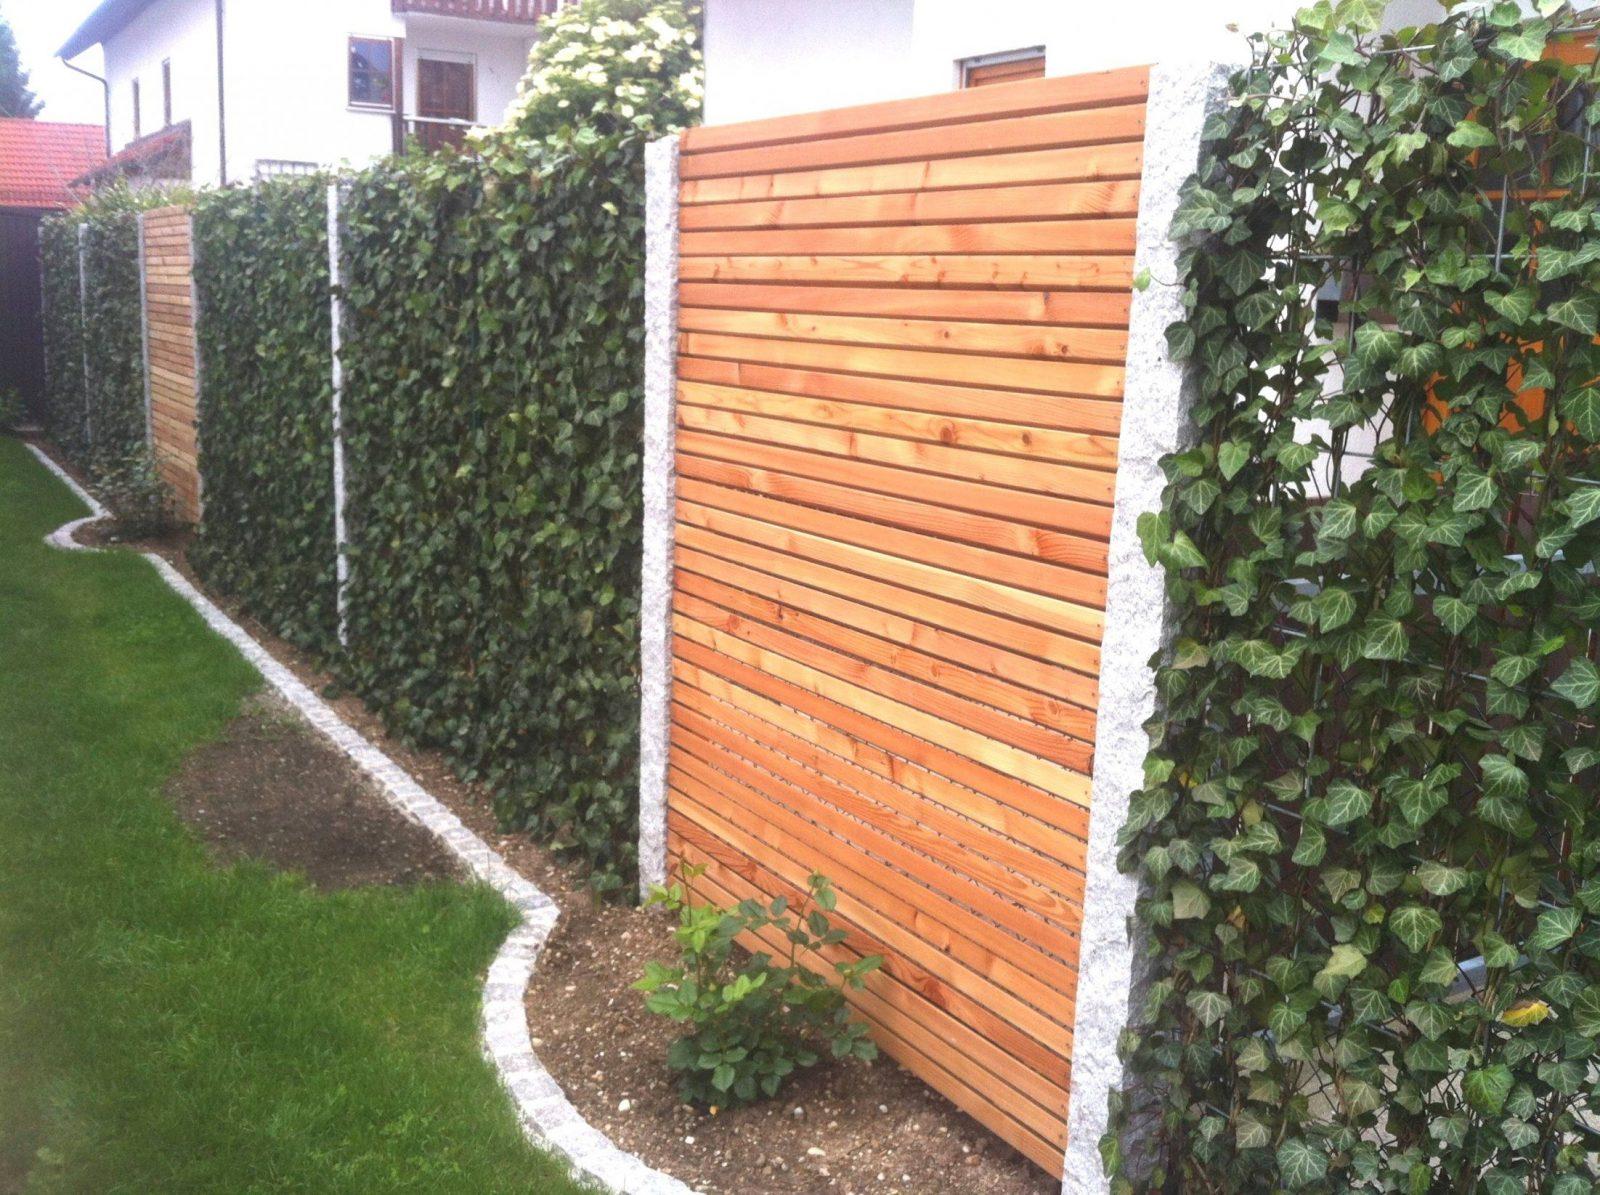 Garten Sichtschutz Holz Perfektes Konzept Einzigartig Kreativer von Garten Sichtschutz Selber Bauen Bild